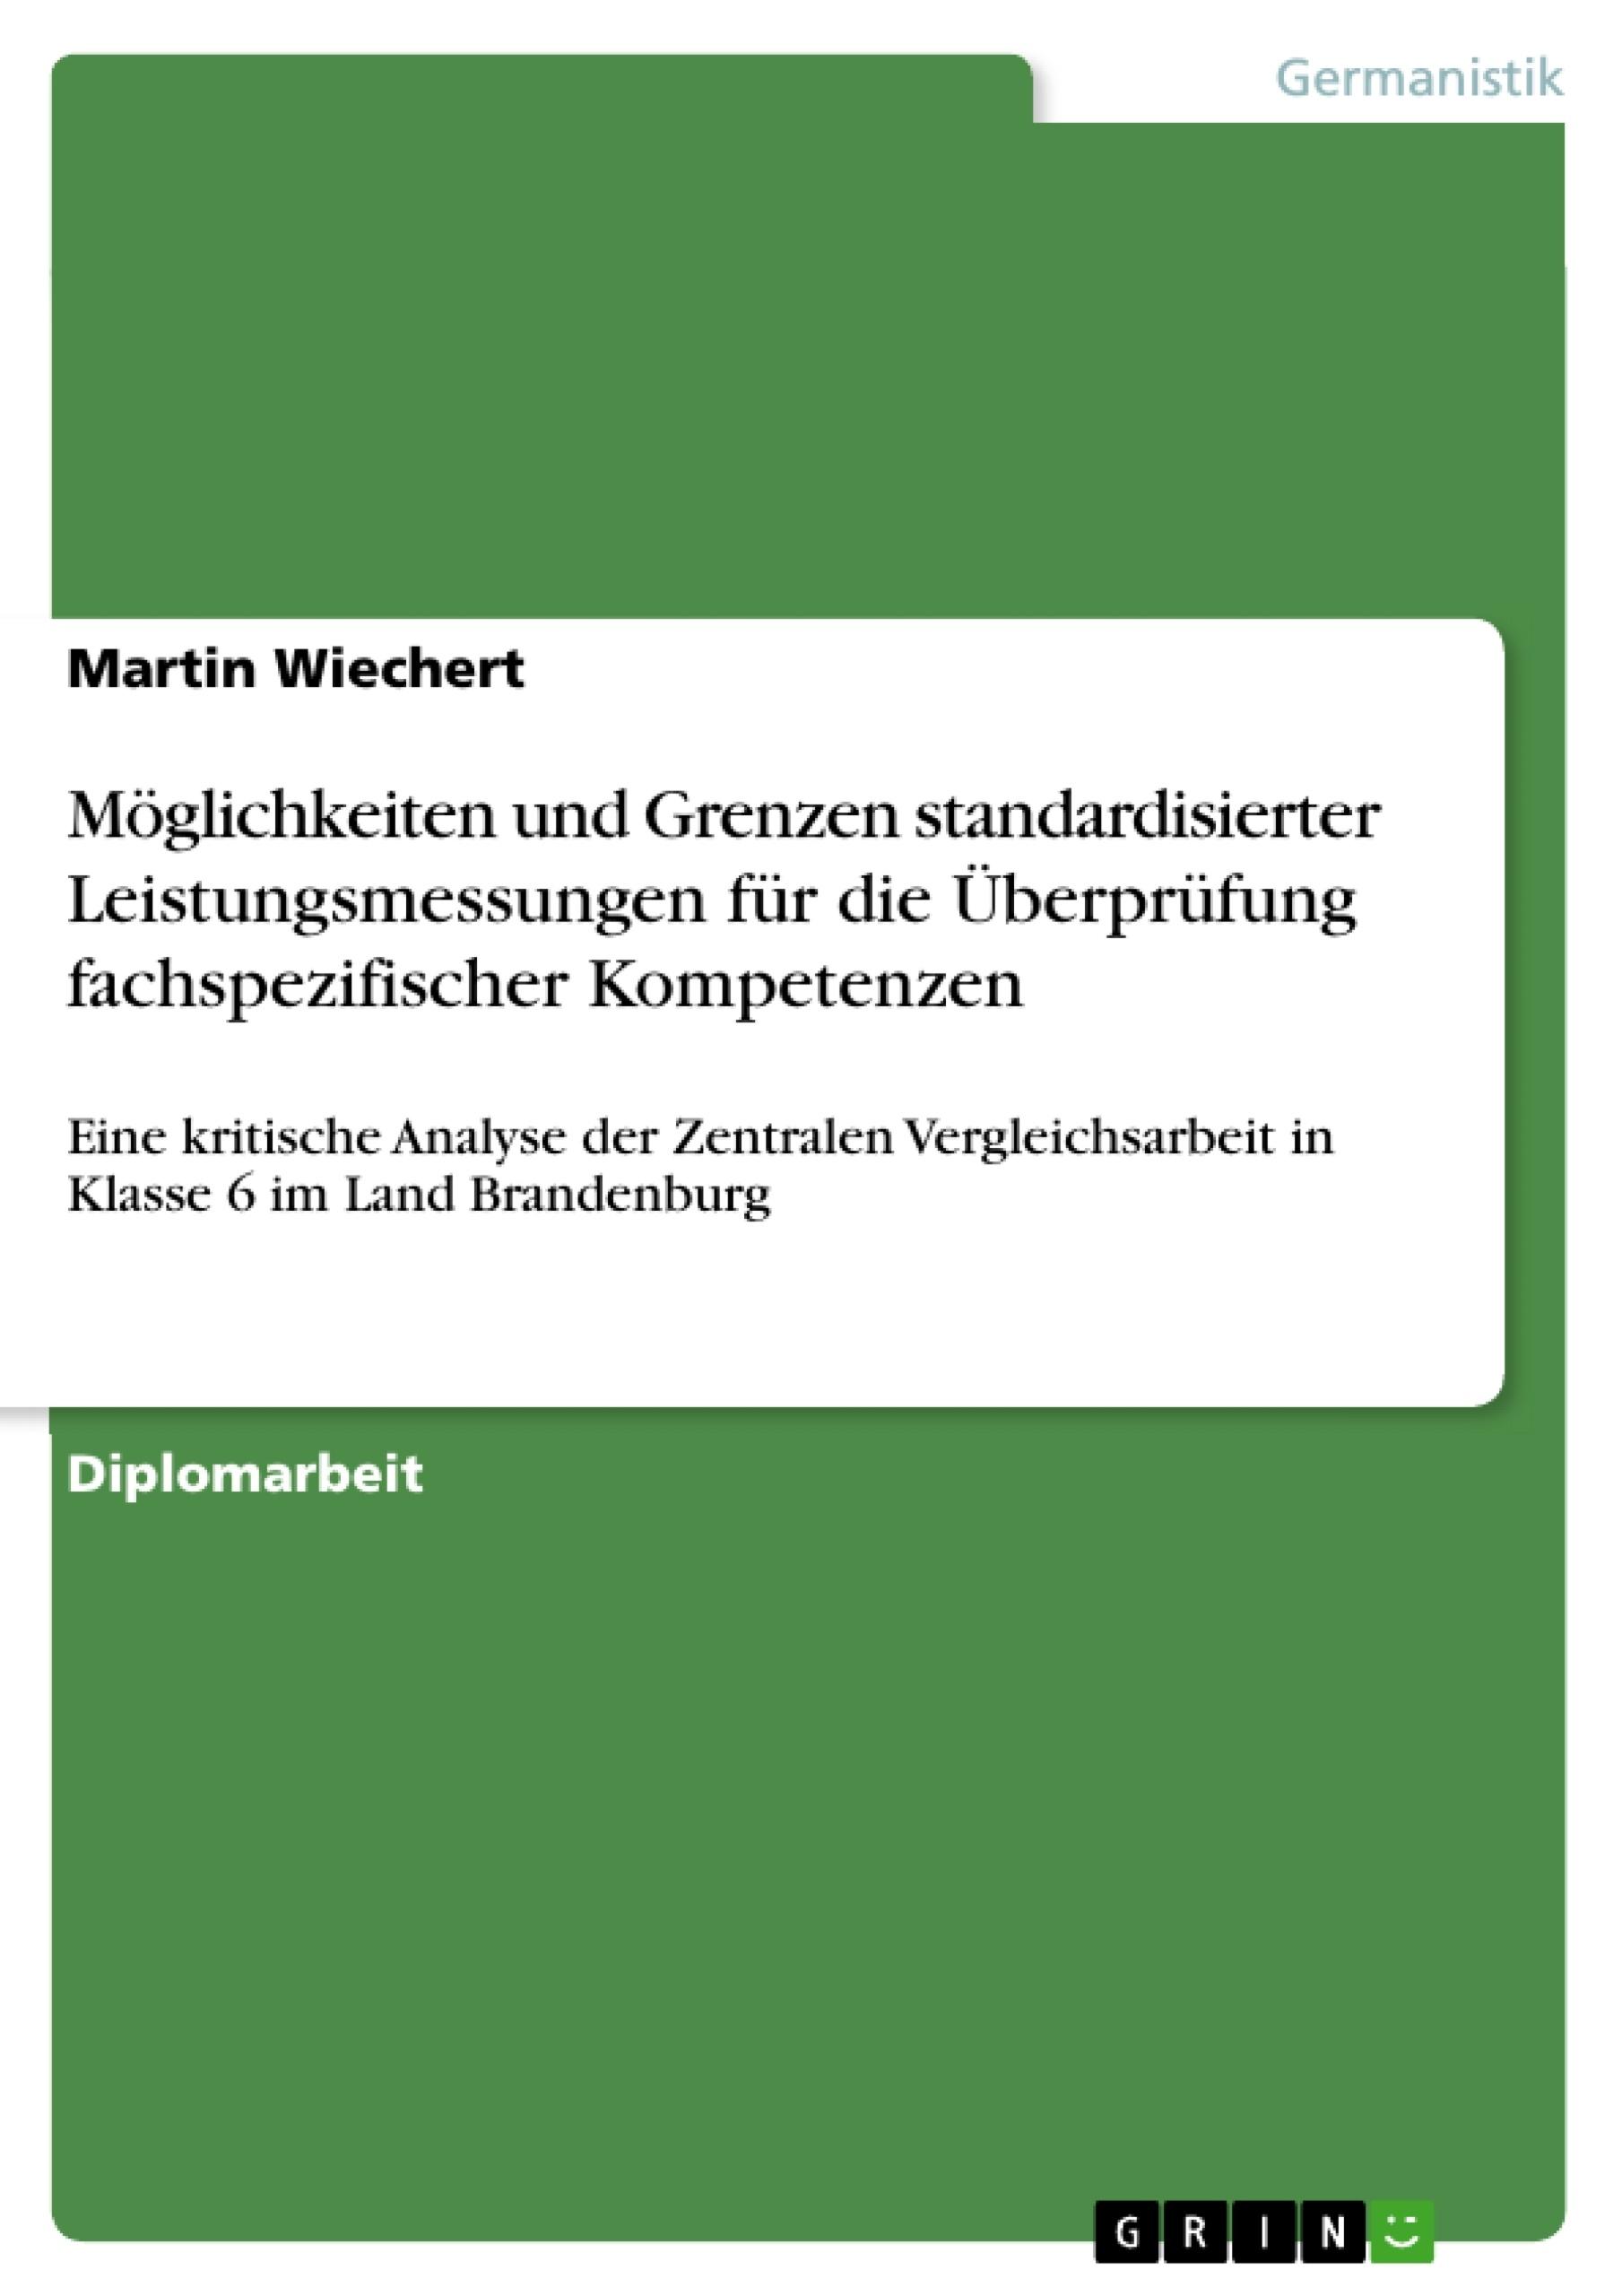 Titel: Möglichkeiten und Grenzen standardisierter Leistungsmessungen für die Überprüfung fachspezifischer Kompetenzen